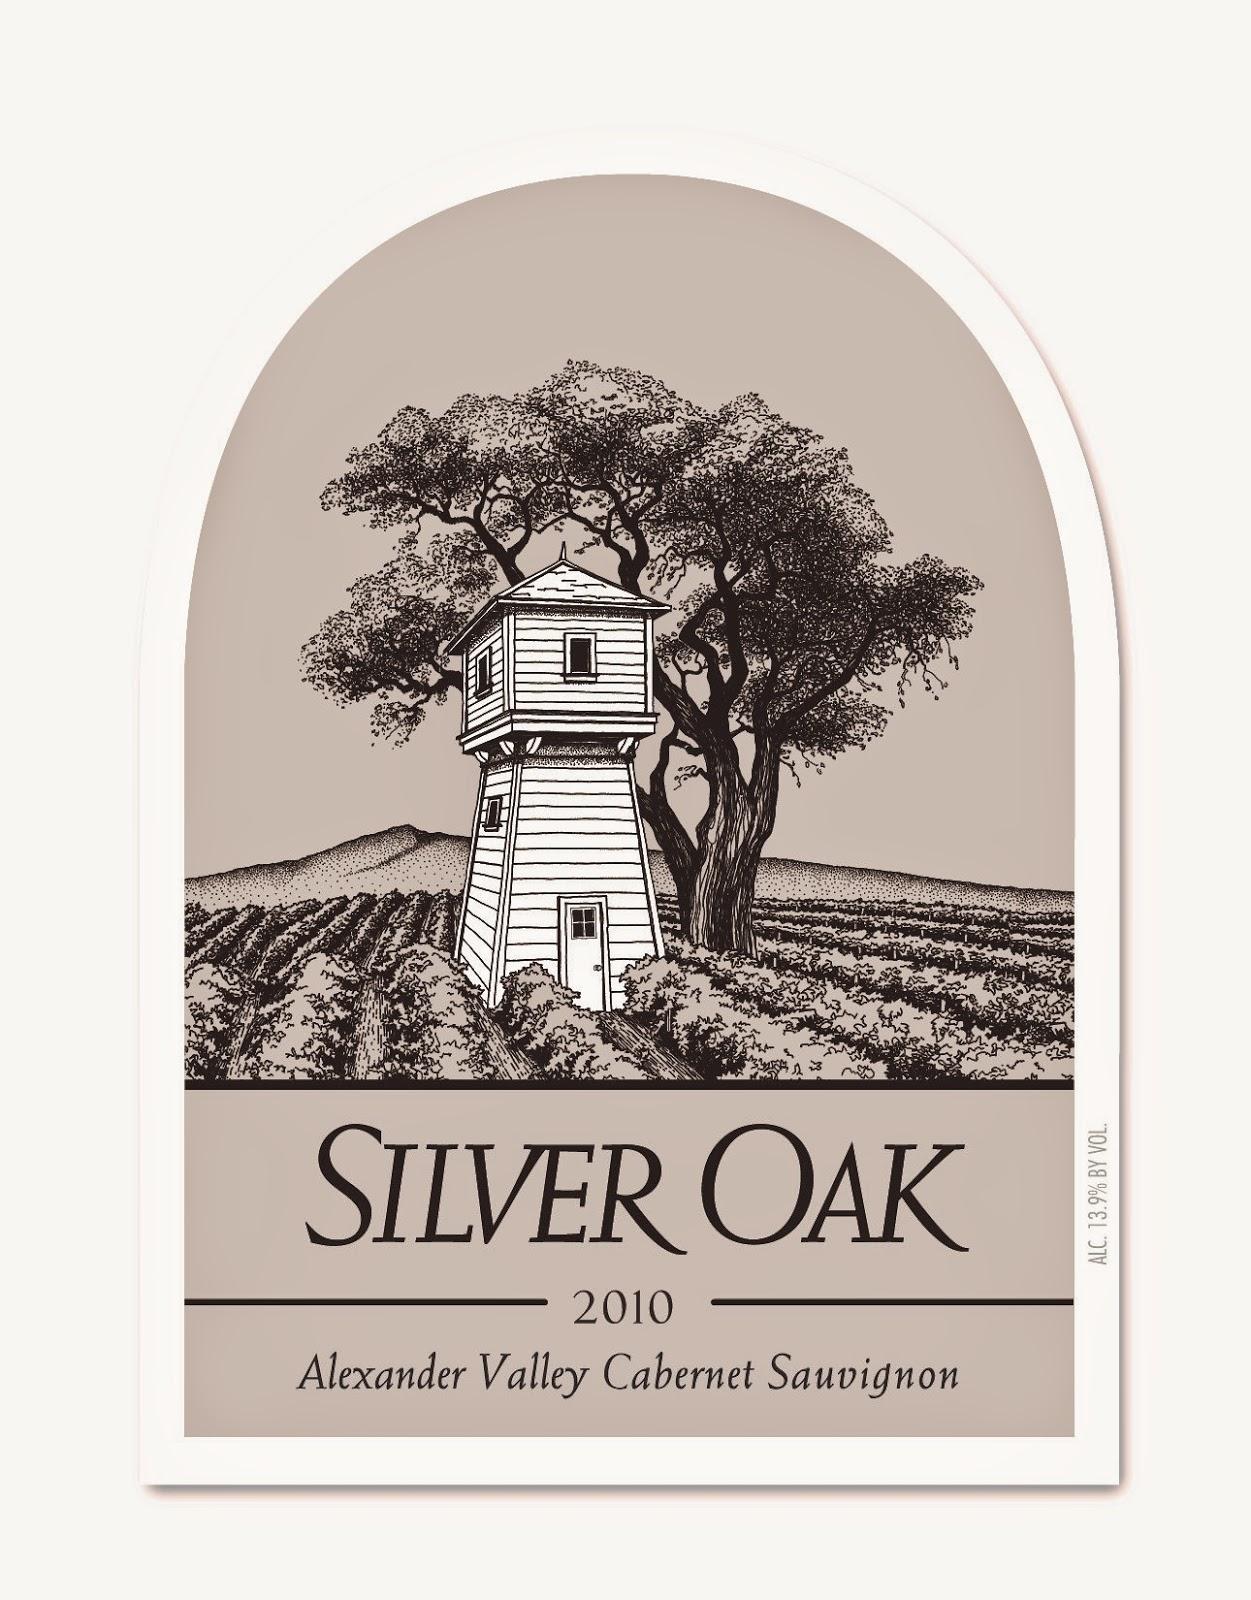 Wineproguy Wine Blog Silver Oak 2010 Alexander Valley